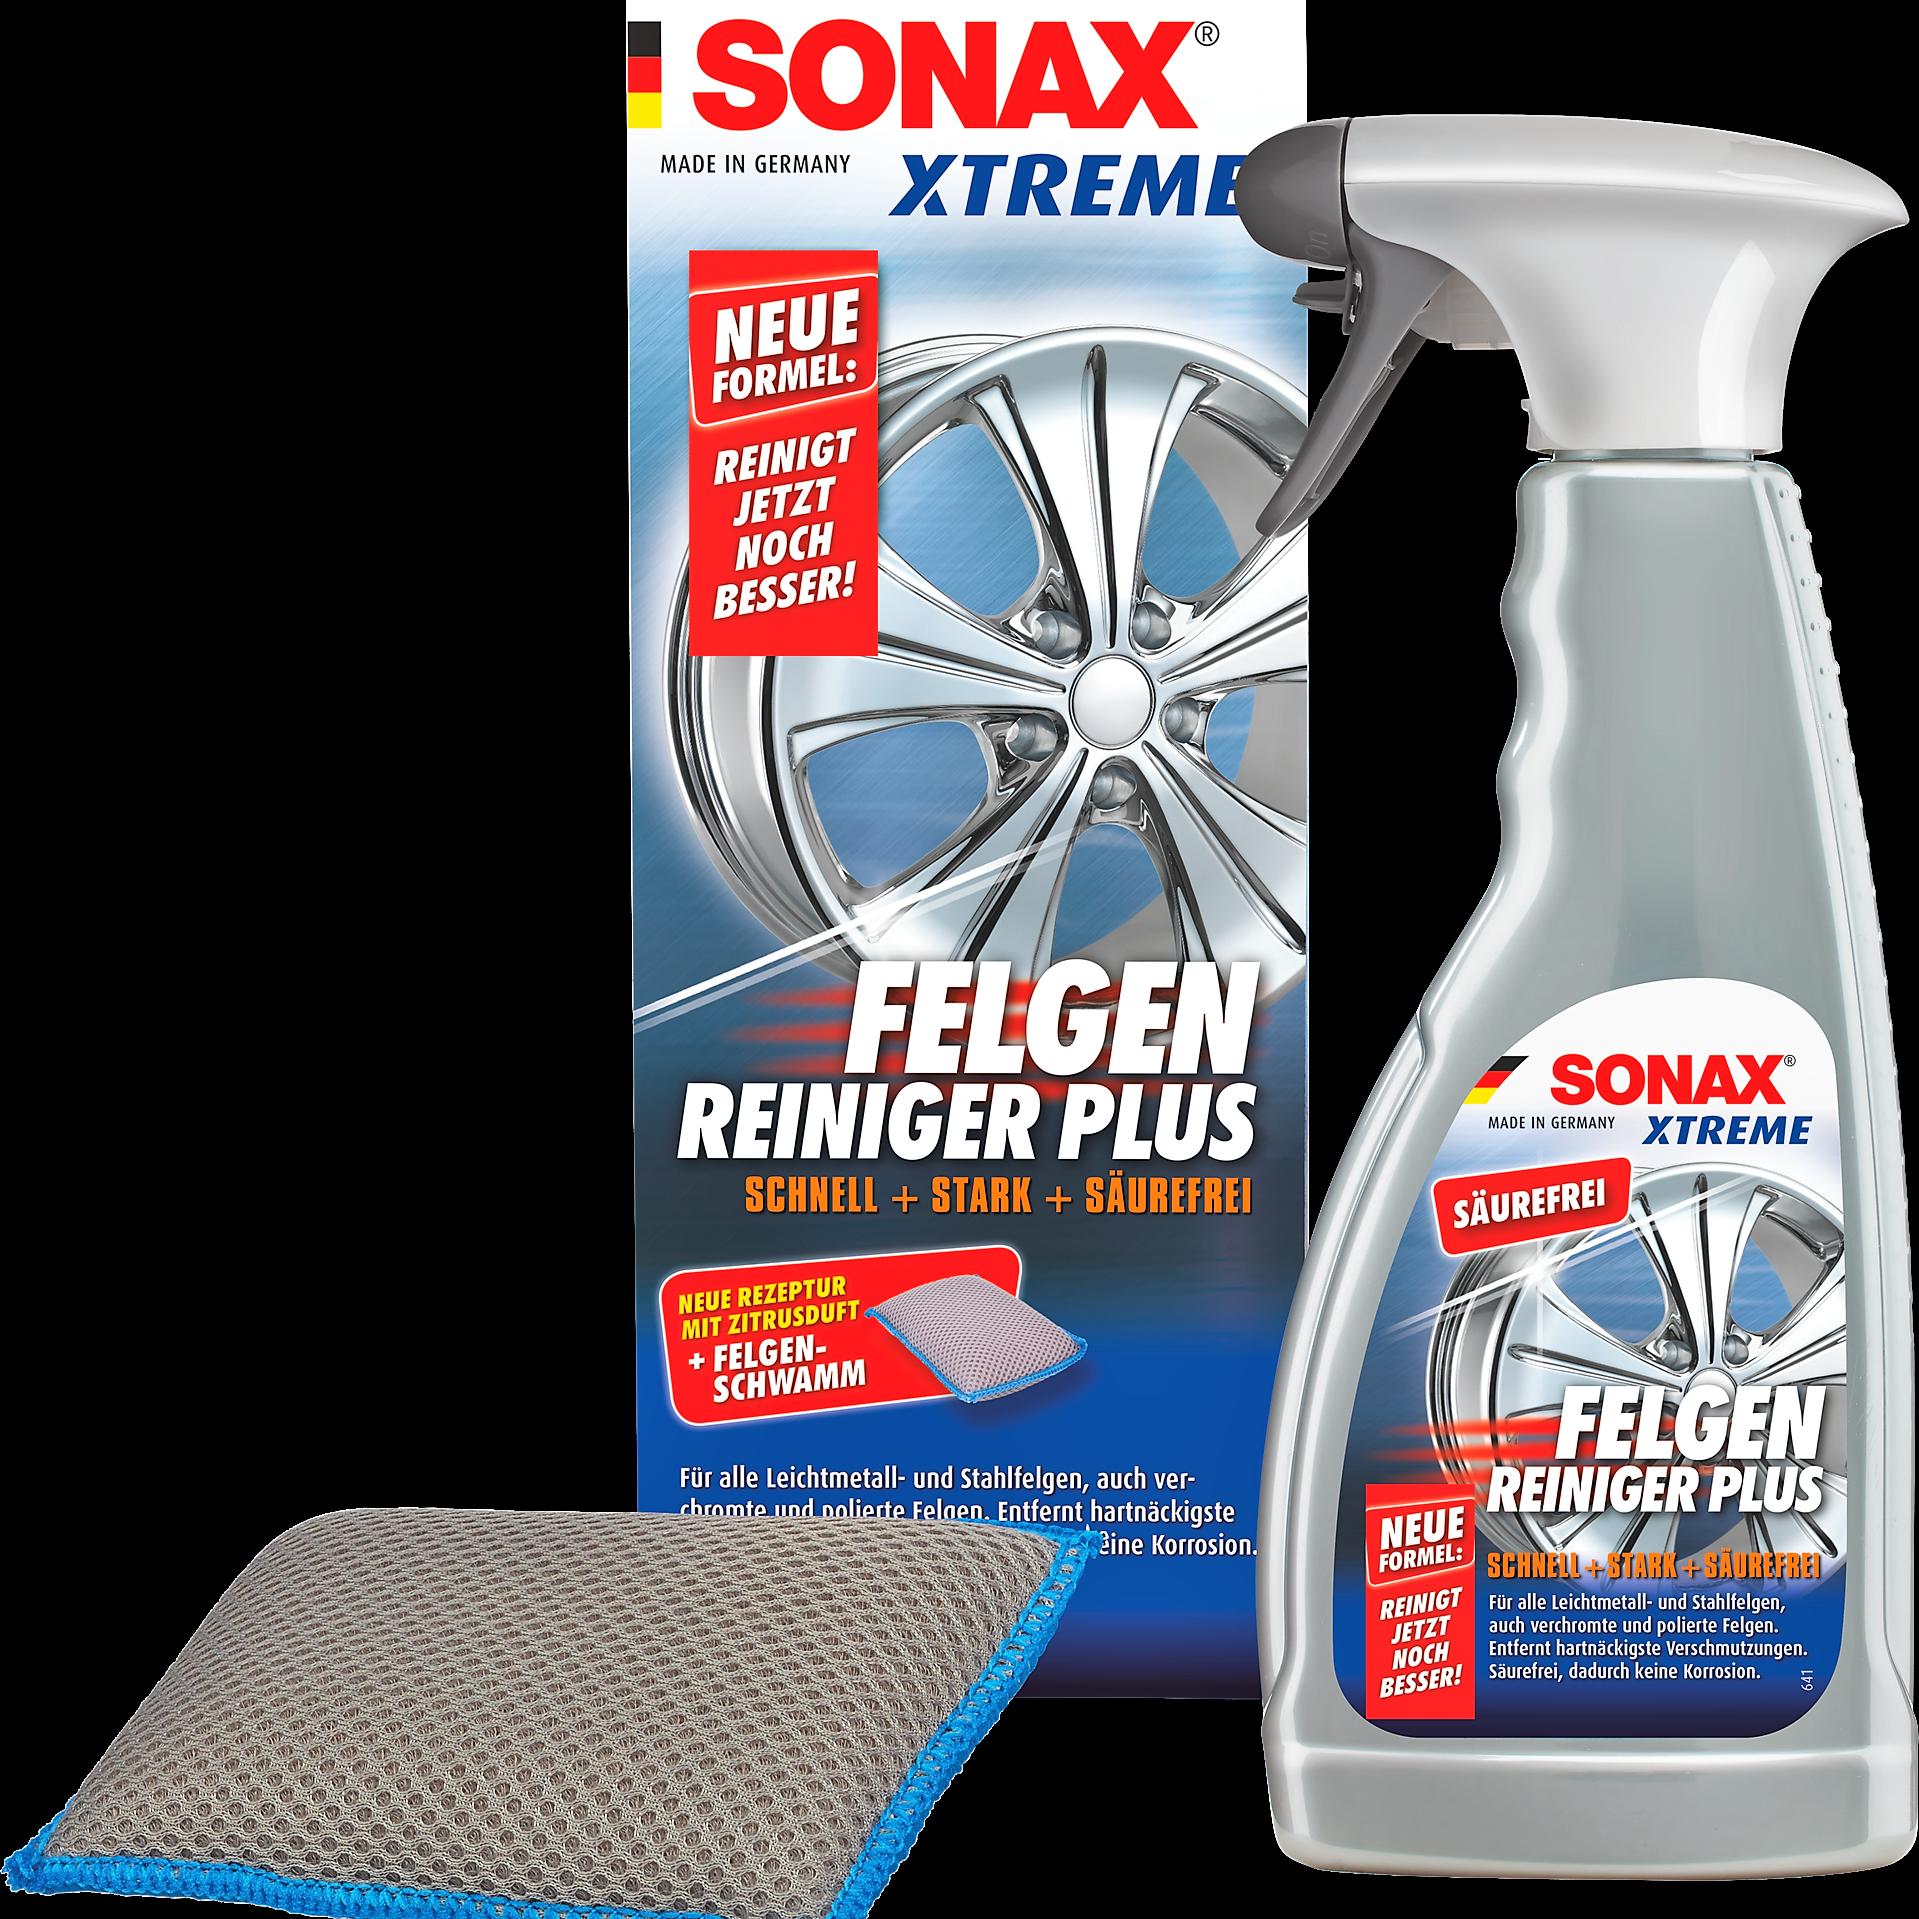 Sonax Xtreme Felgenreiniger PLUS säurefrei inkl. Felgenschwamm für Felgen Alufelgen